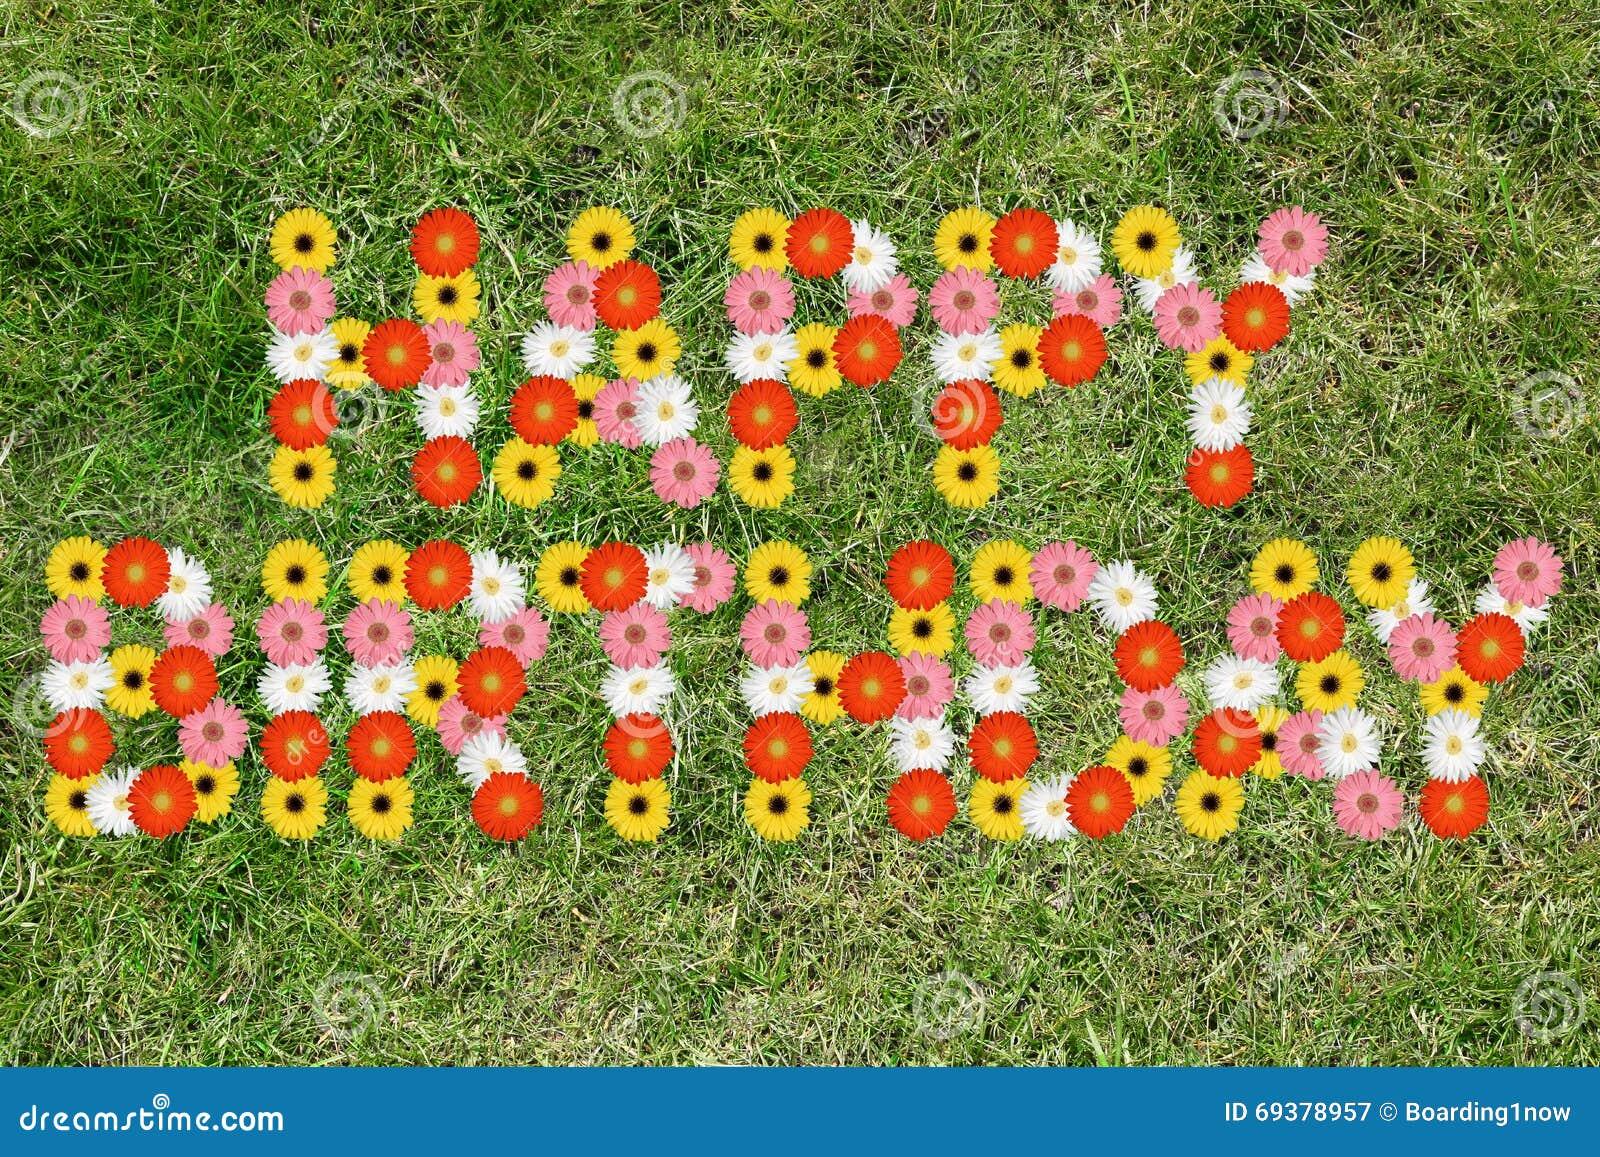 Joyeux Anniversaire Avec Le Pre De Nature De Fleur De Fleurs Image